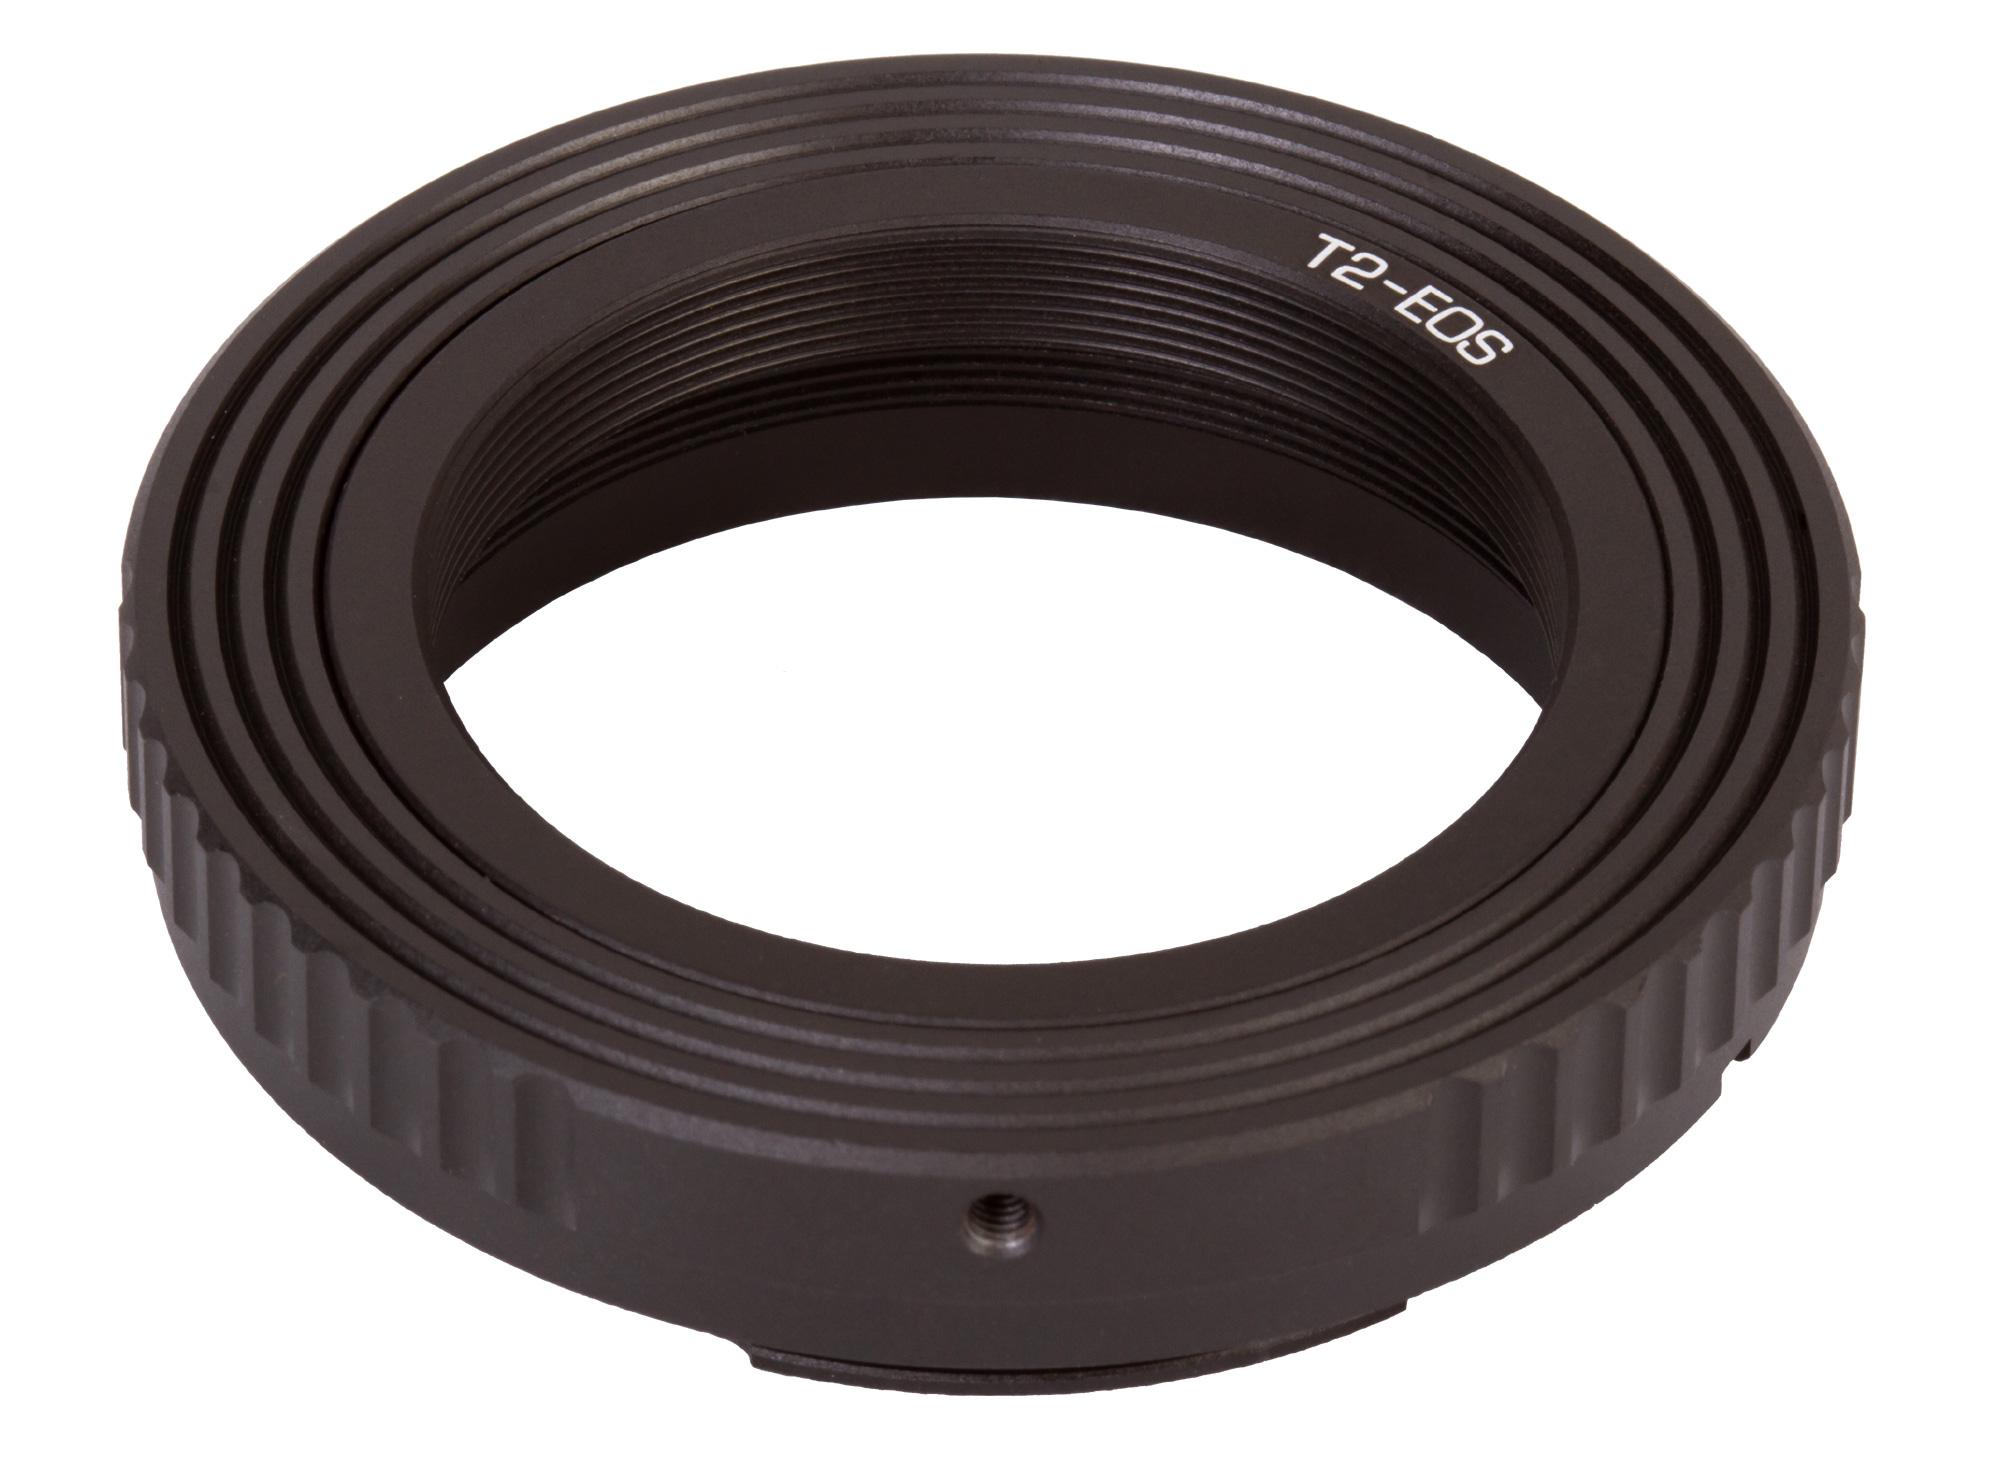 Картинка для T2-кольцо Konus для Canon EOS